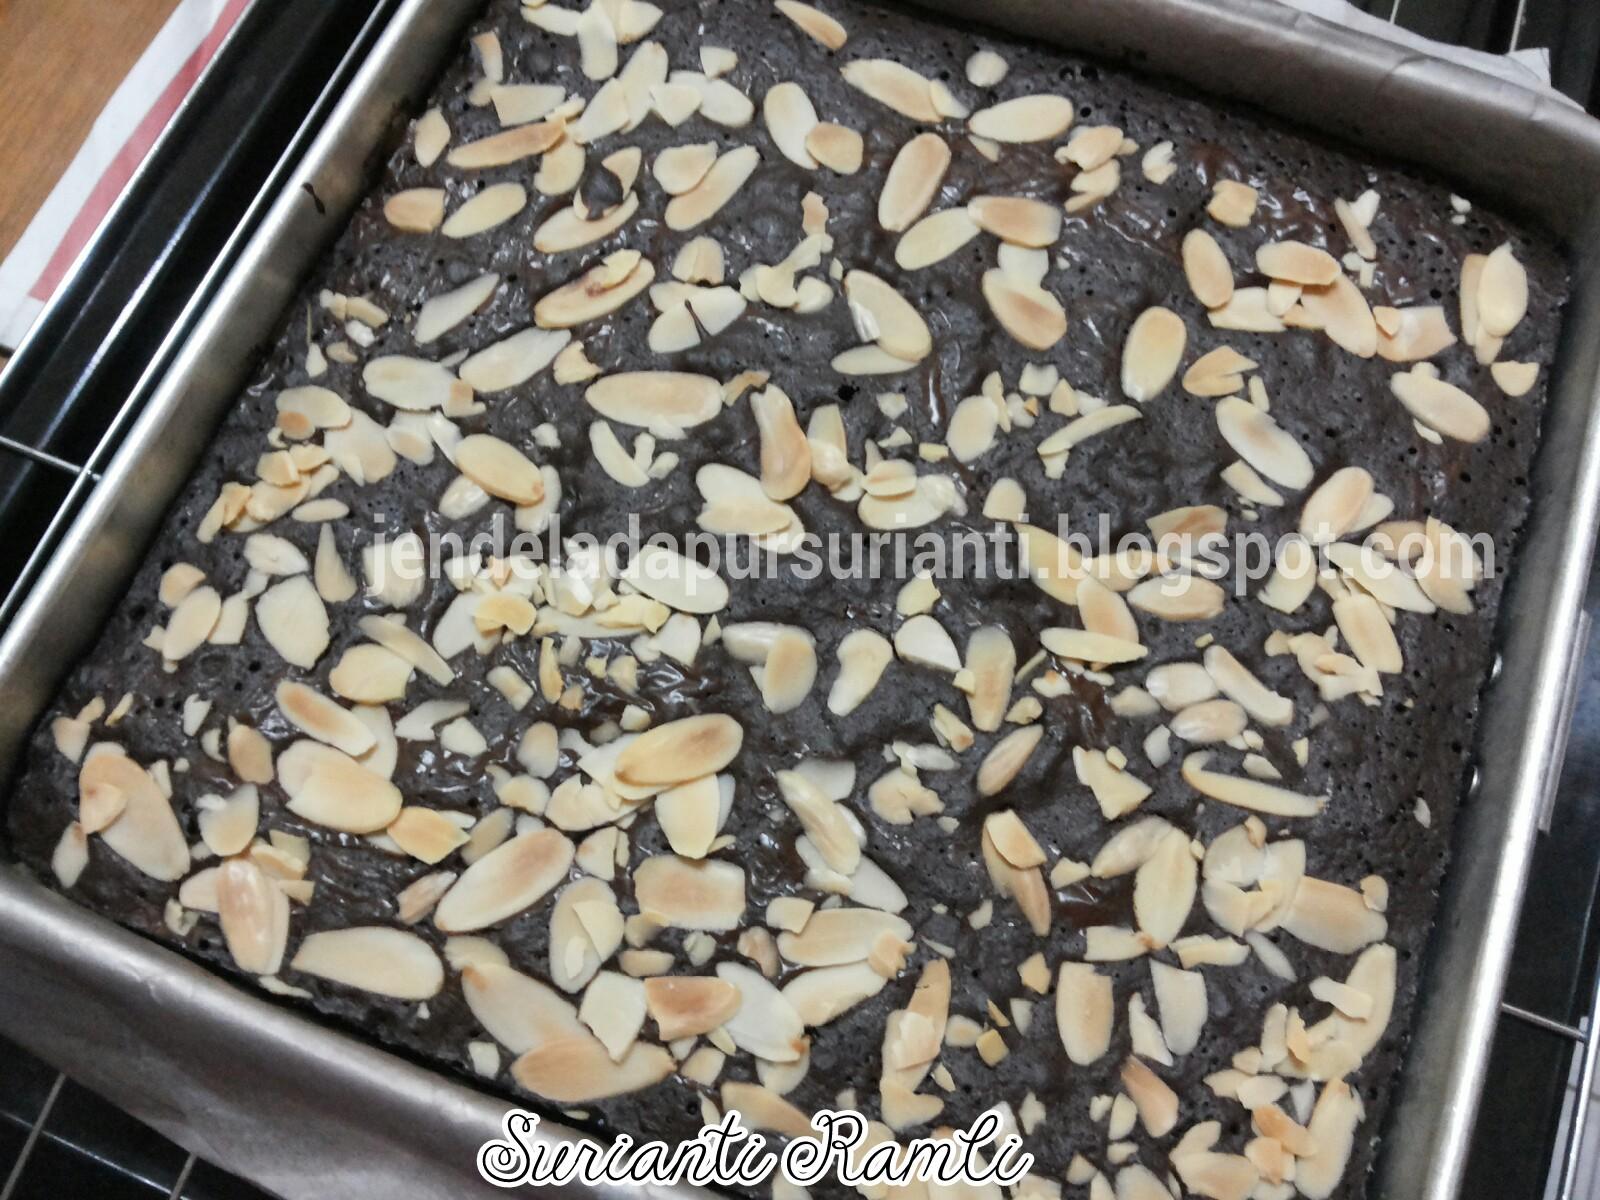 Tuangkan Adunan Dan Taburkan Almond Flakes Atau Nibs Bakar Selama 30 35mnt Suhu 160 170 Api Atas Bawah Dah Siap Masak Tutup Suis